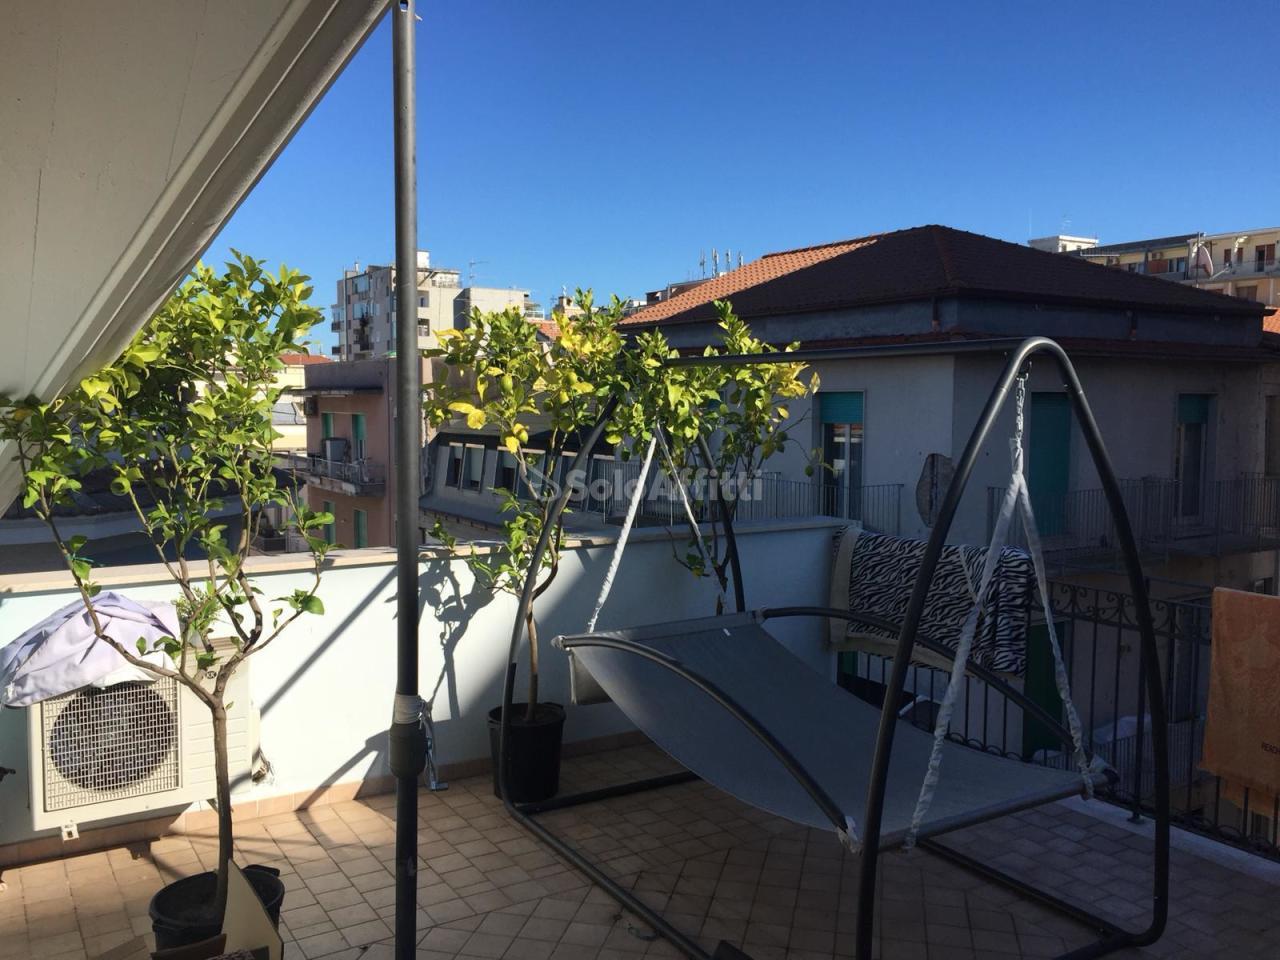 Appartamento - Bilocale a Piazza Salotto, Pescara